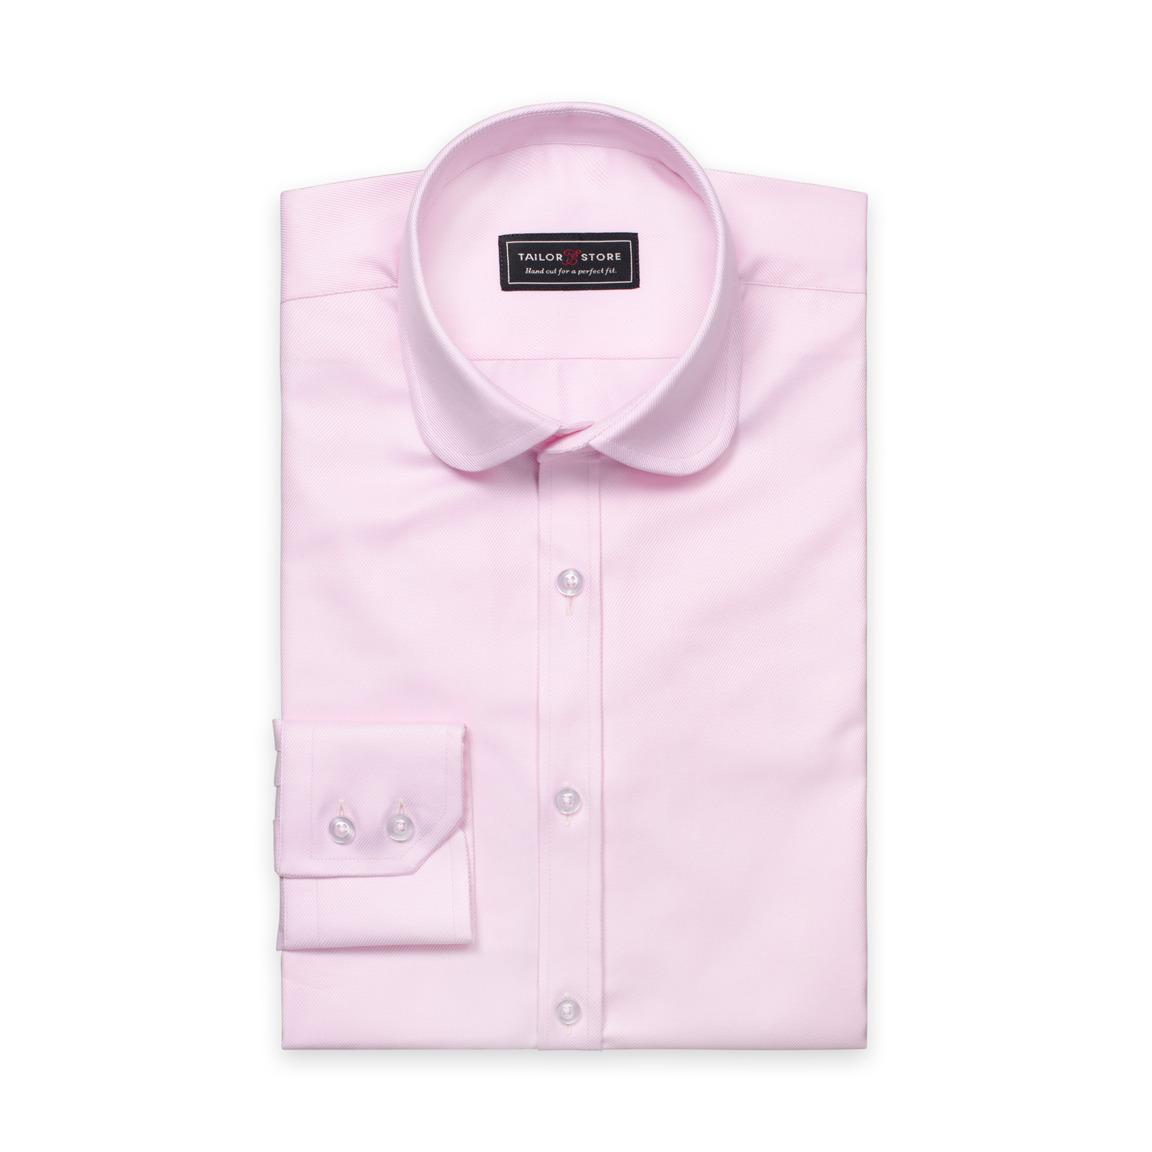 Roze twill overhemd met club kraag